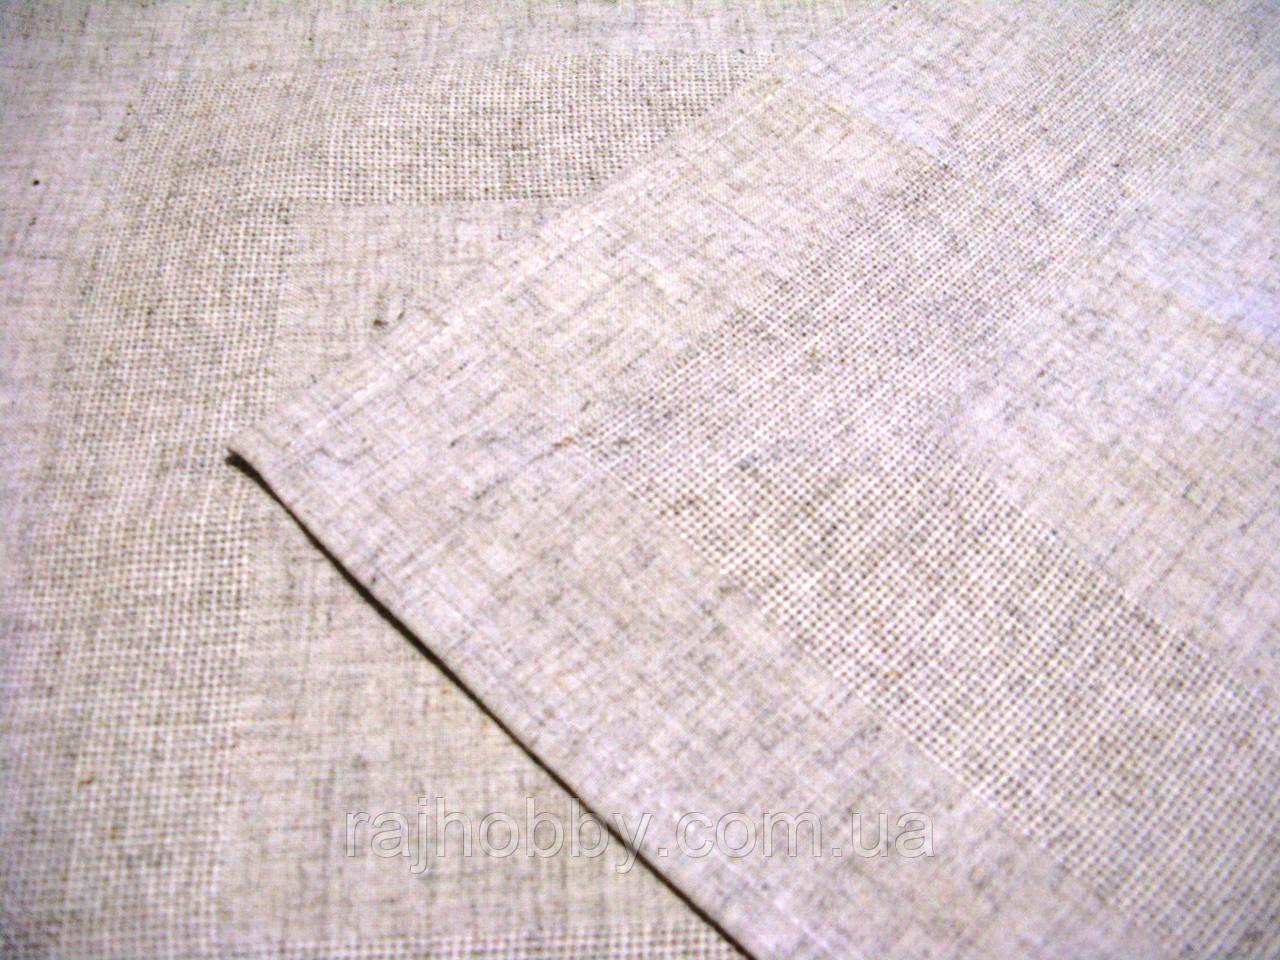 Сафетка для вышивания лен 32х36